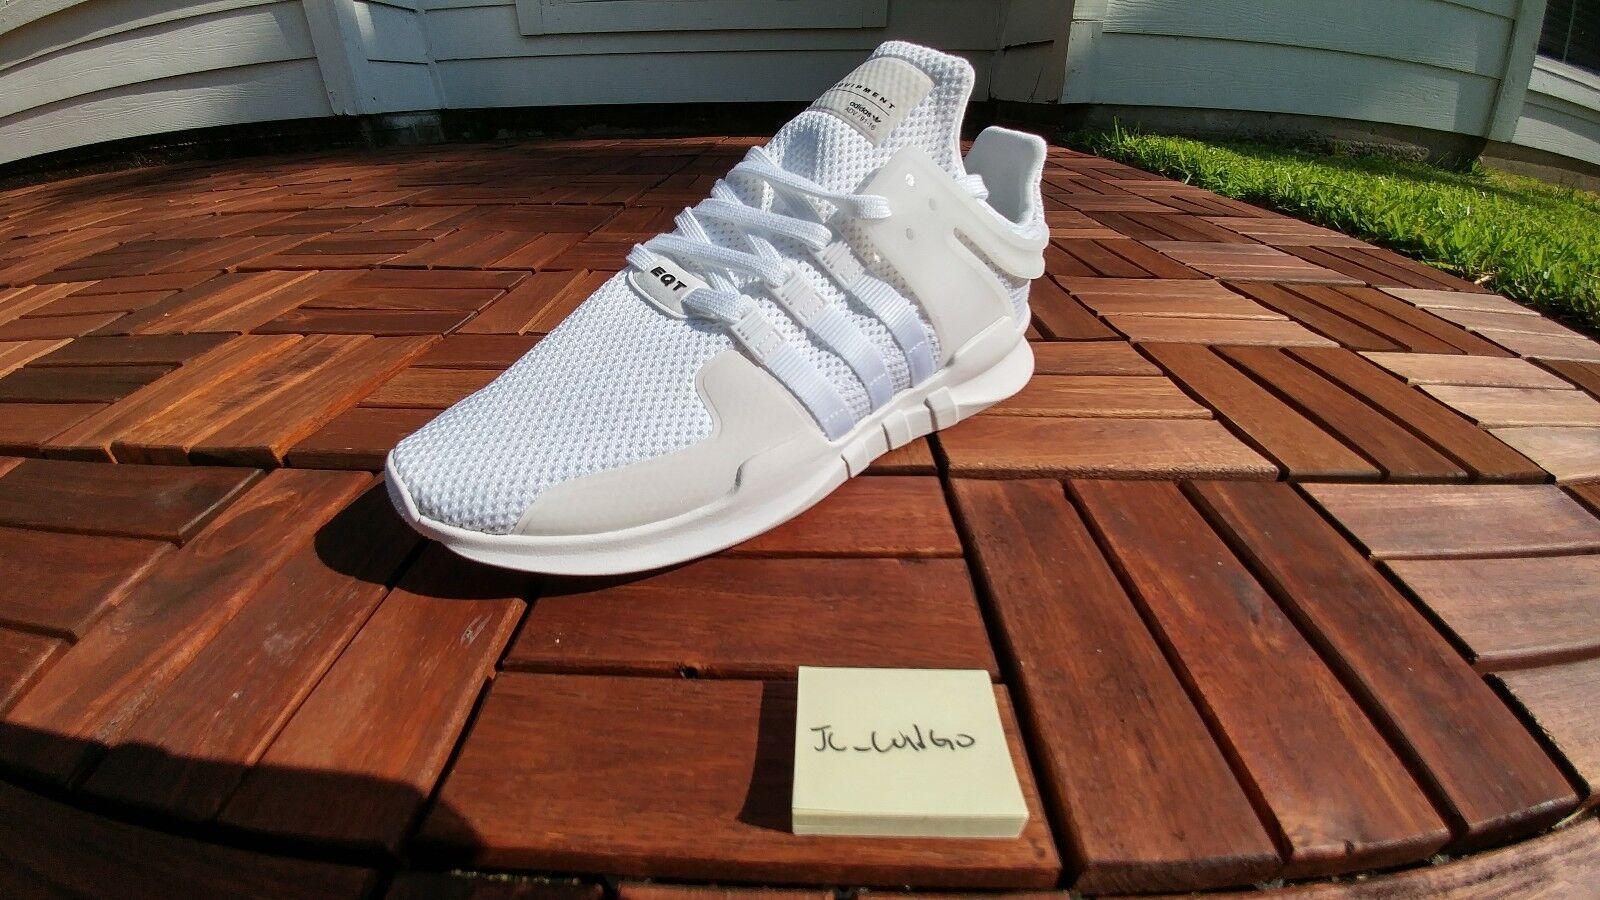 Adidas originals eqt geräte sind unterstützen ba8322 größe sind geräte 11,5 og weiße 91-16 75c528